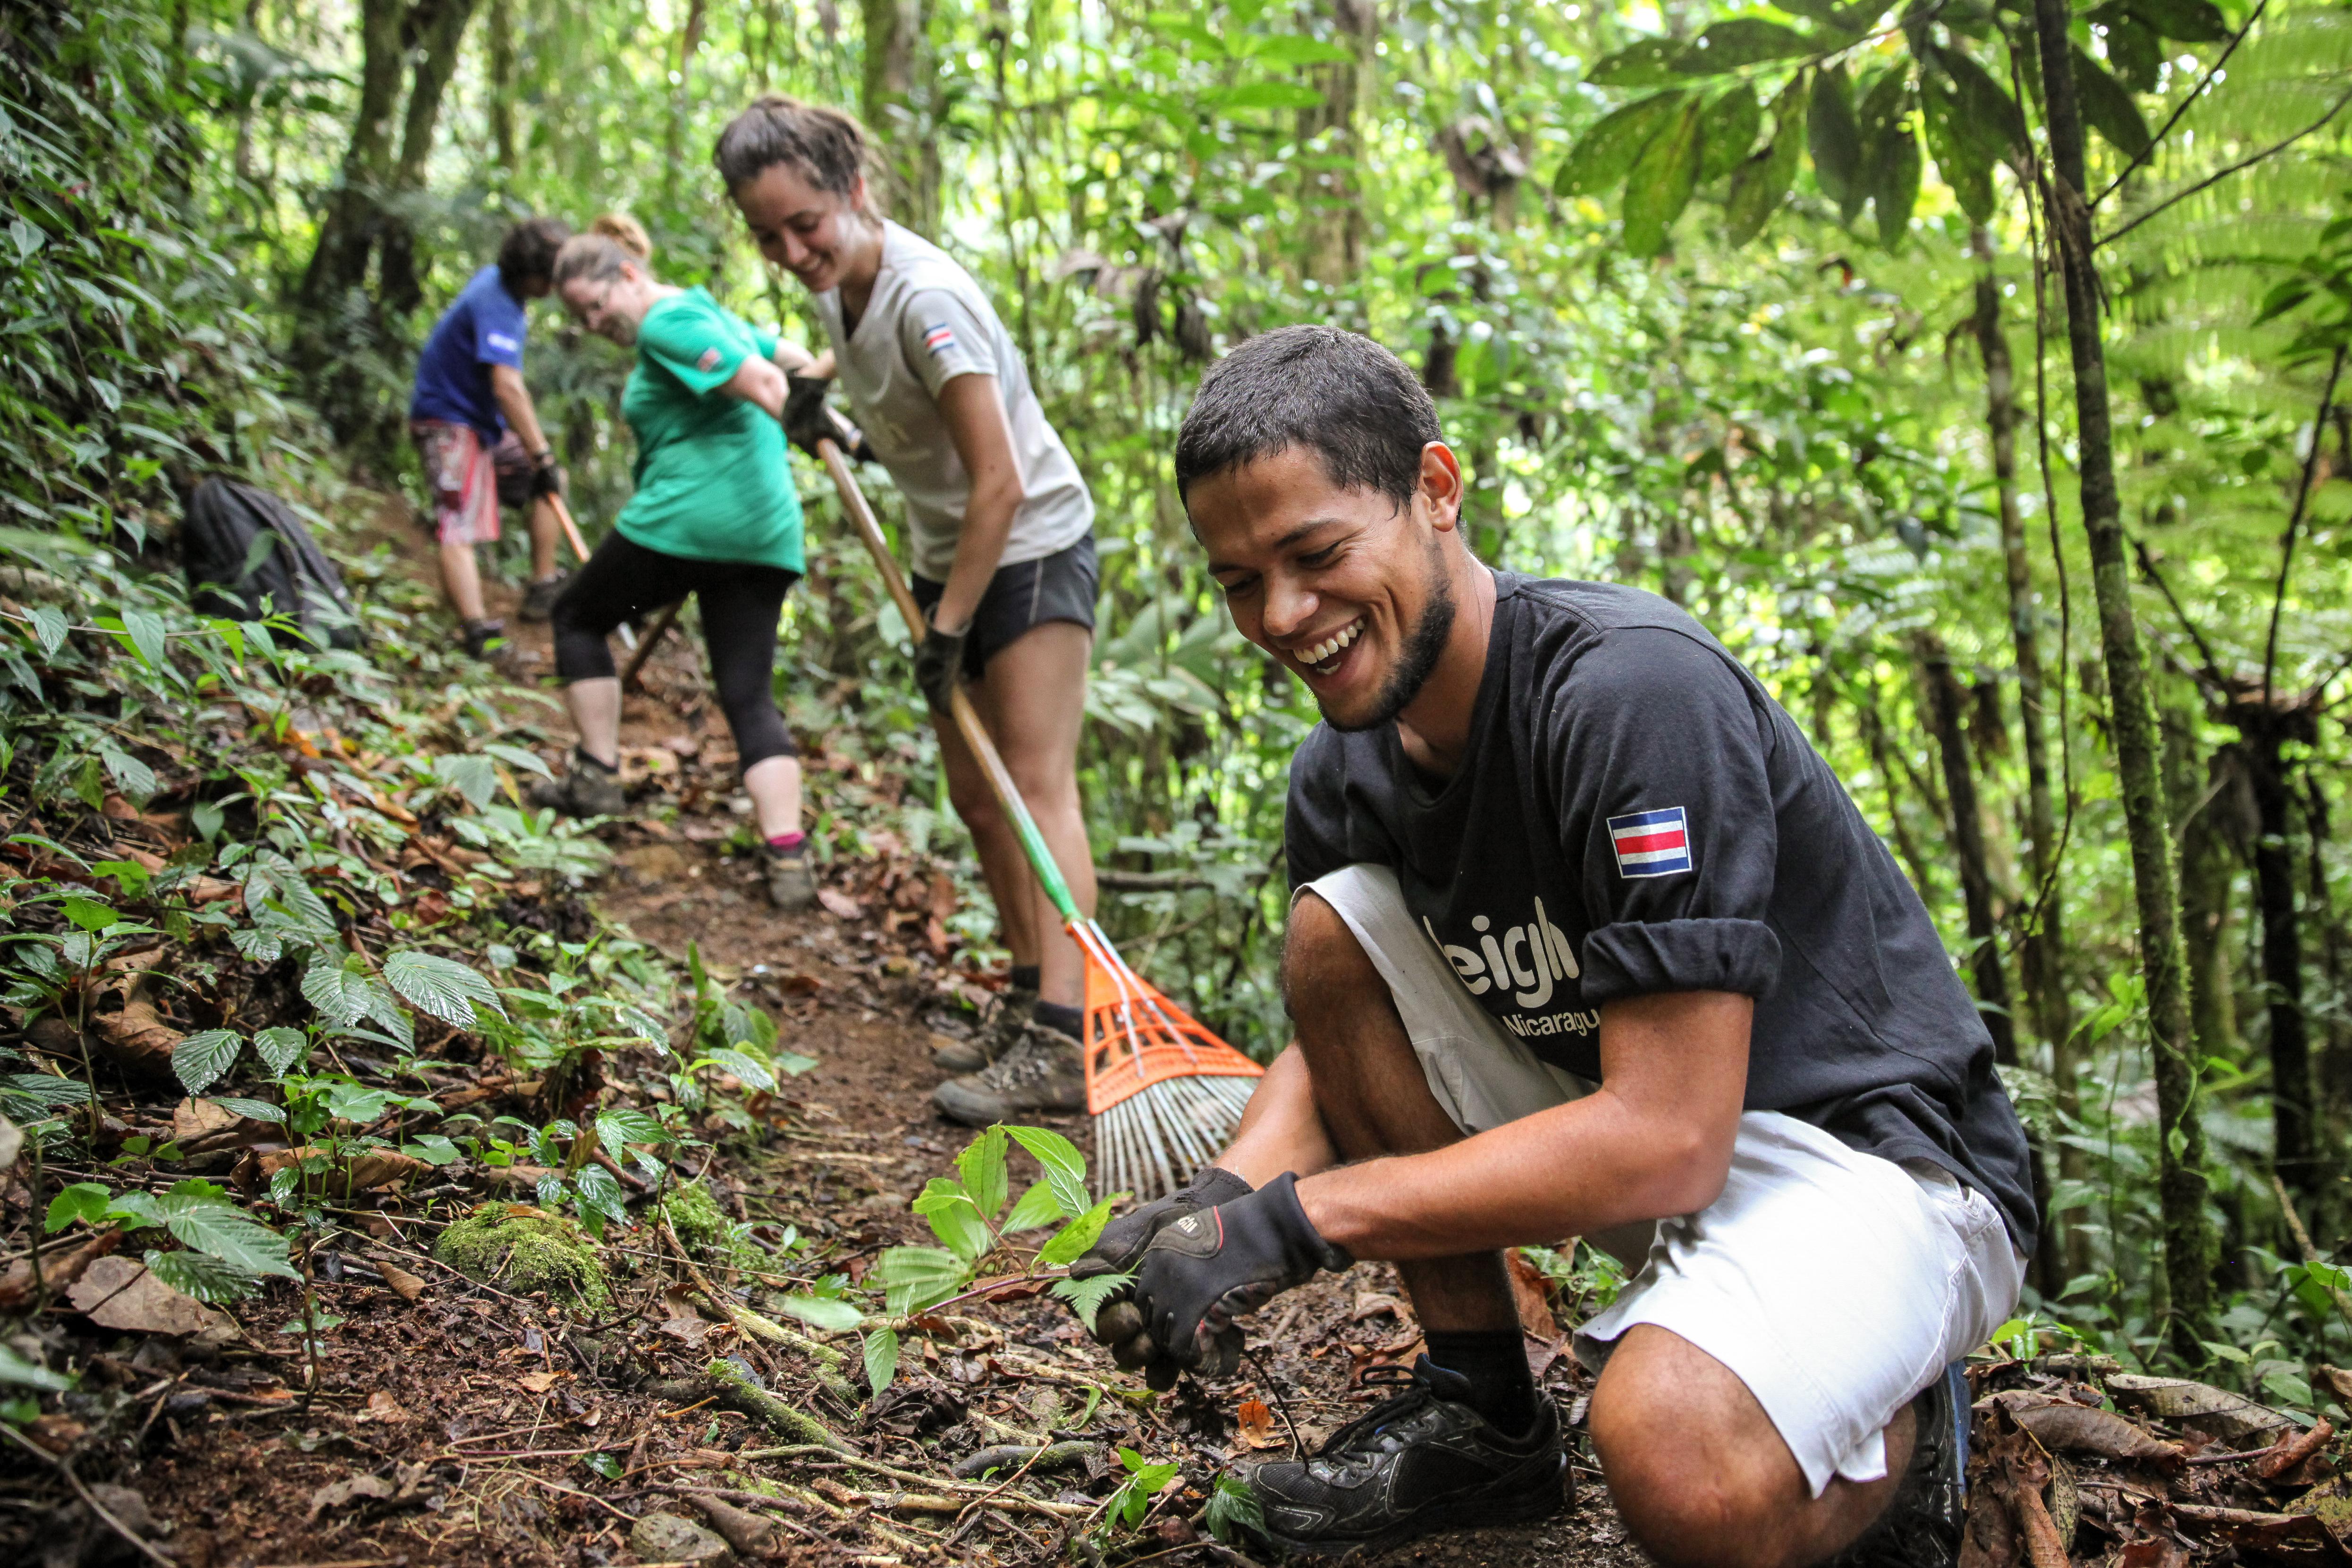 Gap Year Program - Volunteer abroad in 2020: 5 week Raleigh Expeditions in Nepal and Costa Rica (Nov-Dec 2020)  3